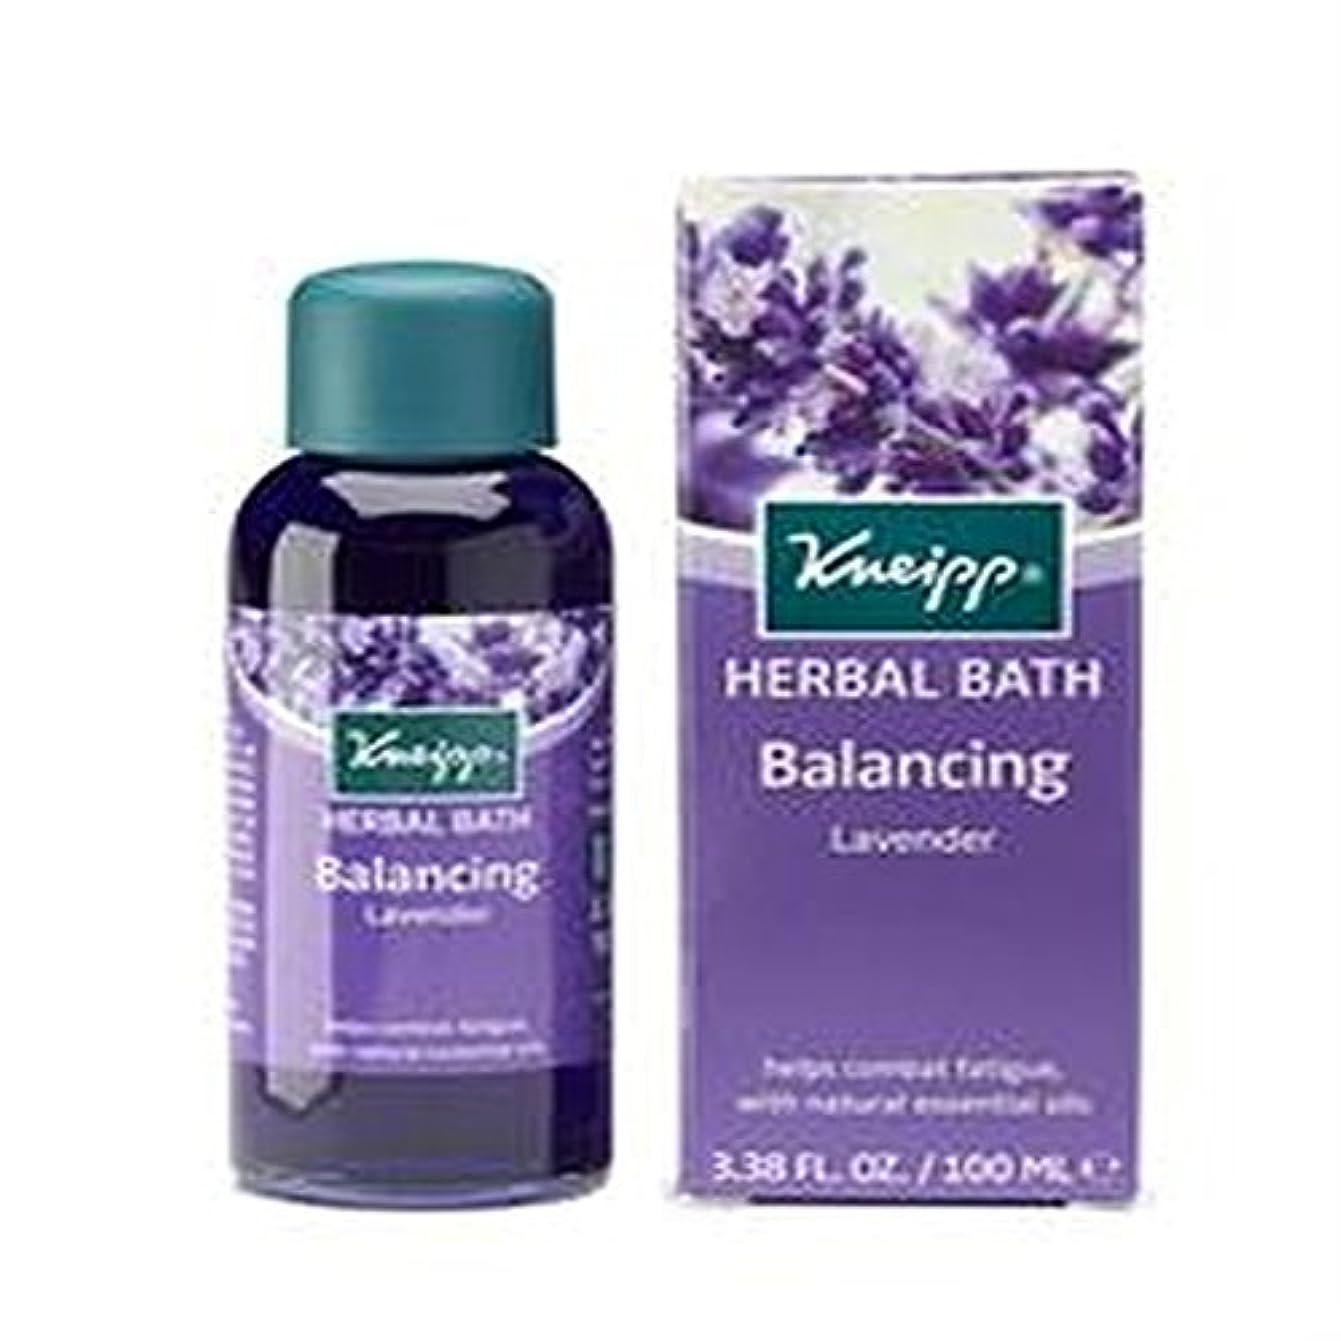 ミサイル戸口政治家Kneipp Balancing Lavender Herbal Bath - 3.38 Oz. (並行輸入品) [並行輸入品]